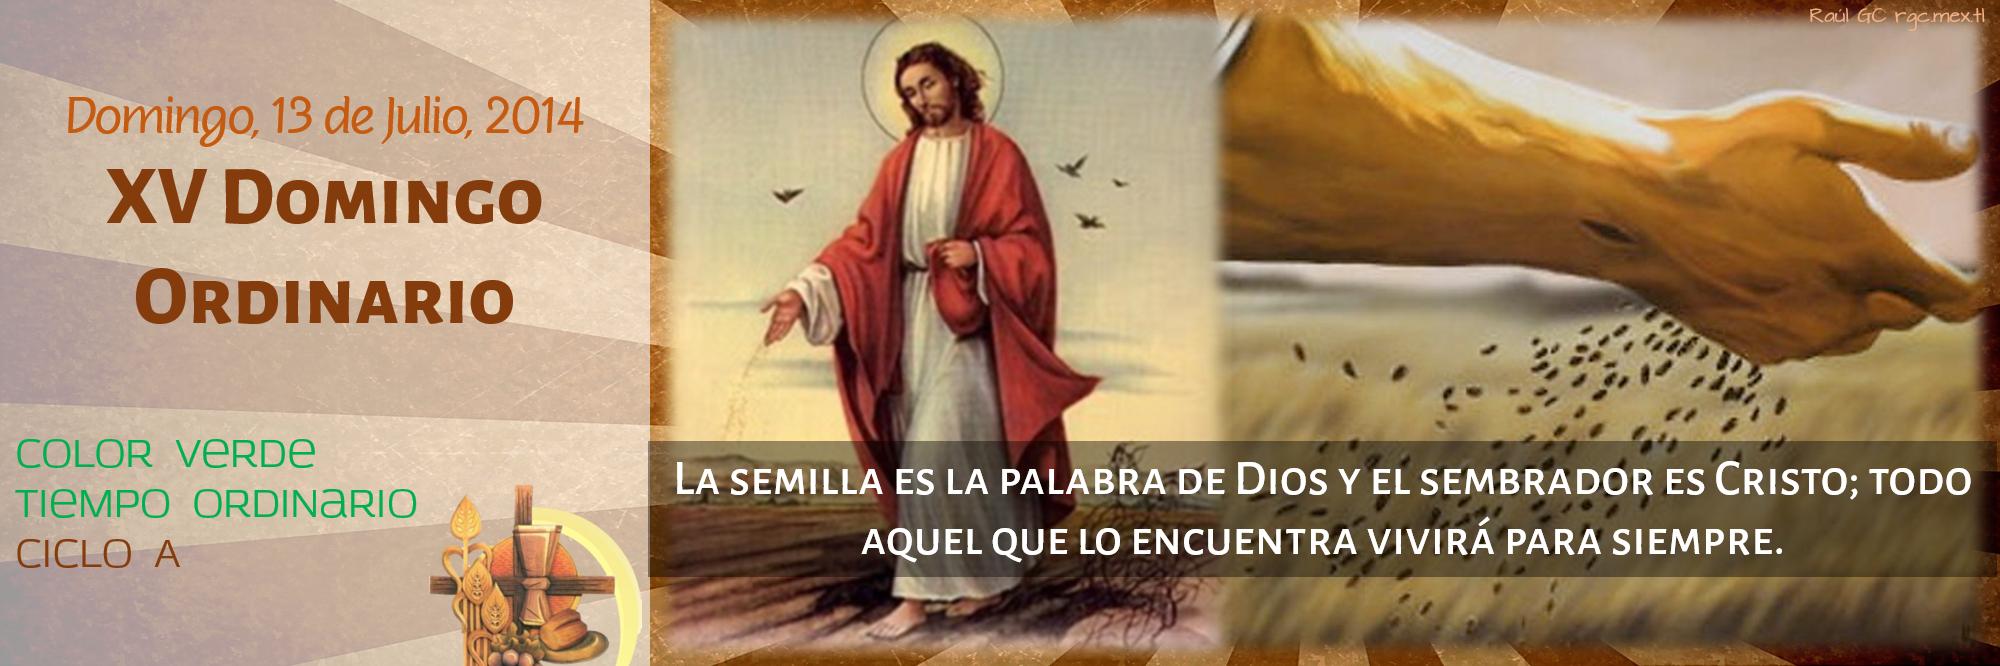 Ciclo A, XV Domingo Ordinario Twitter